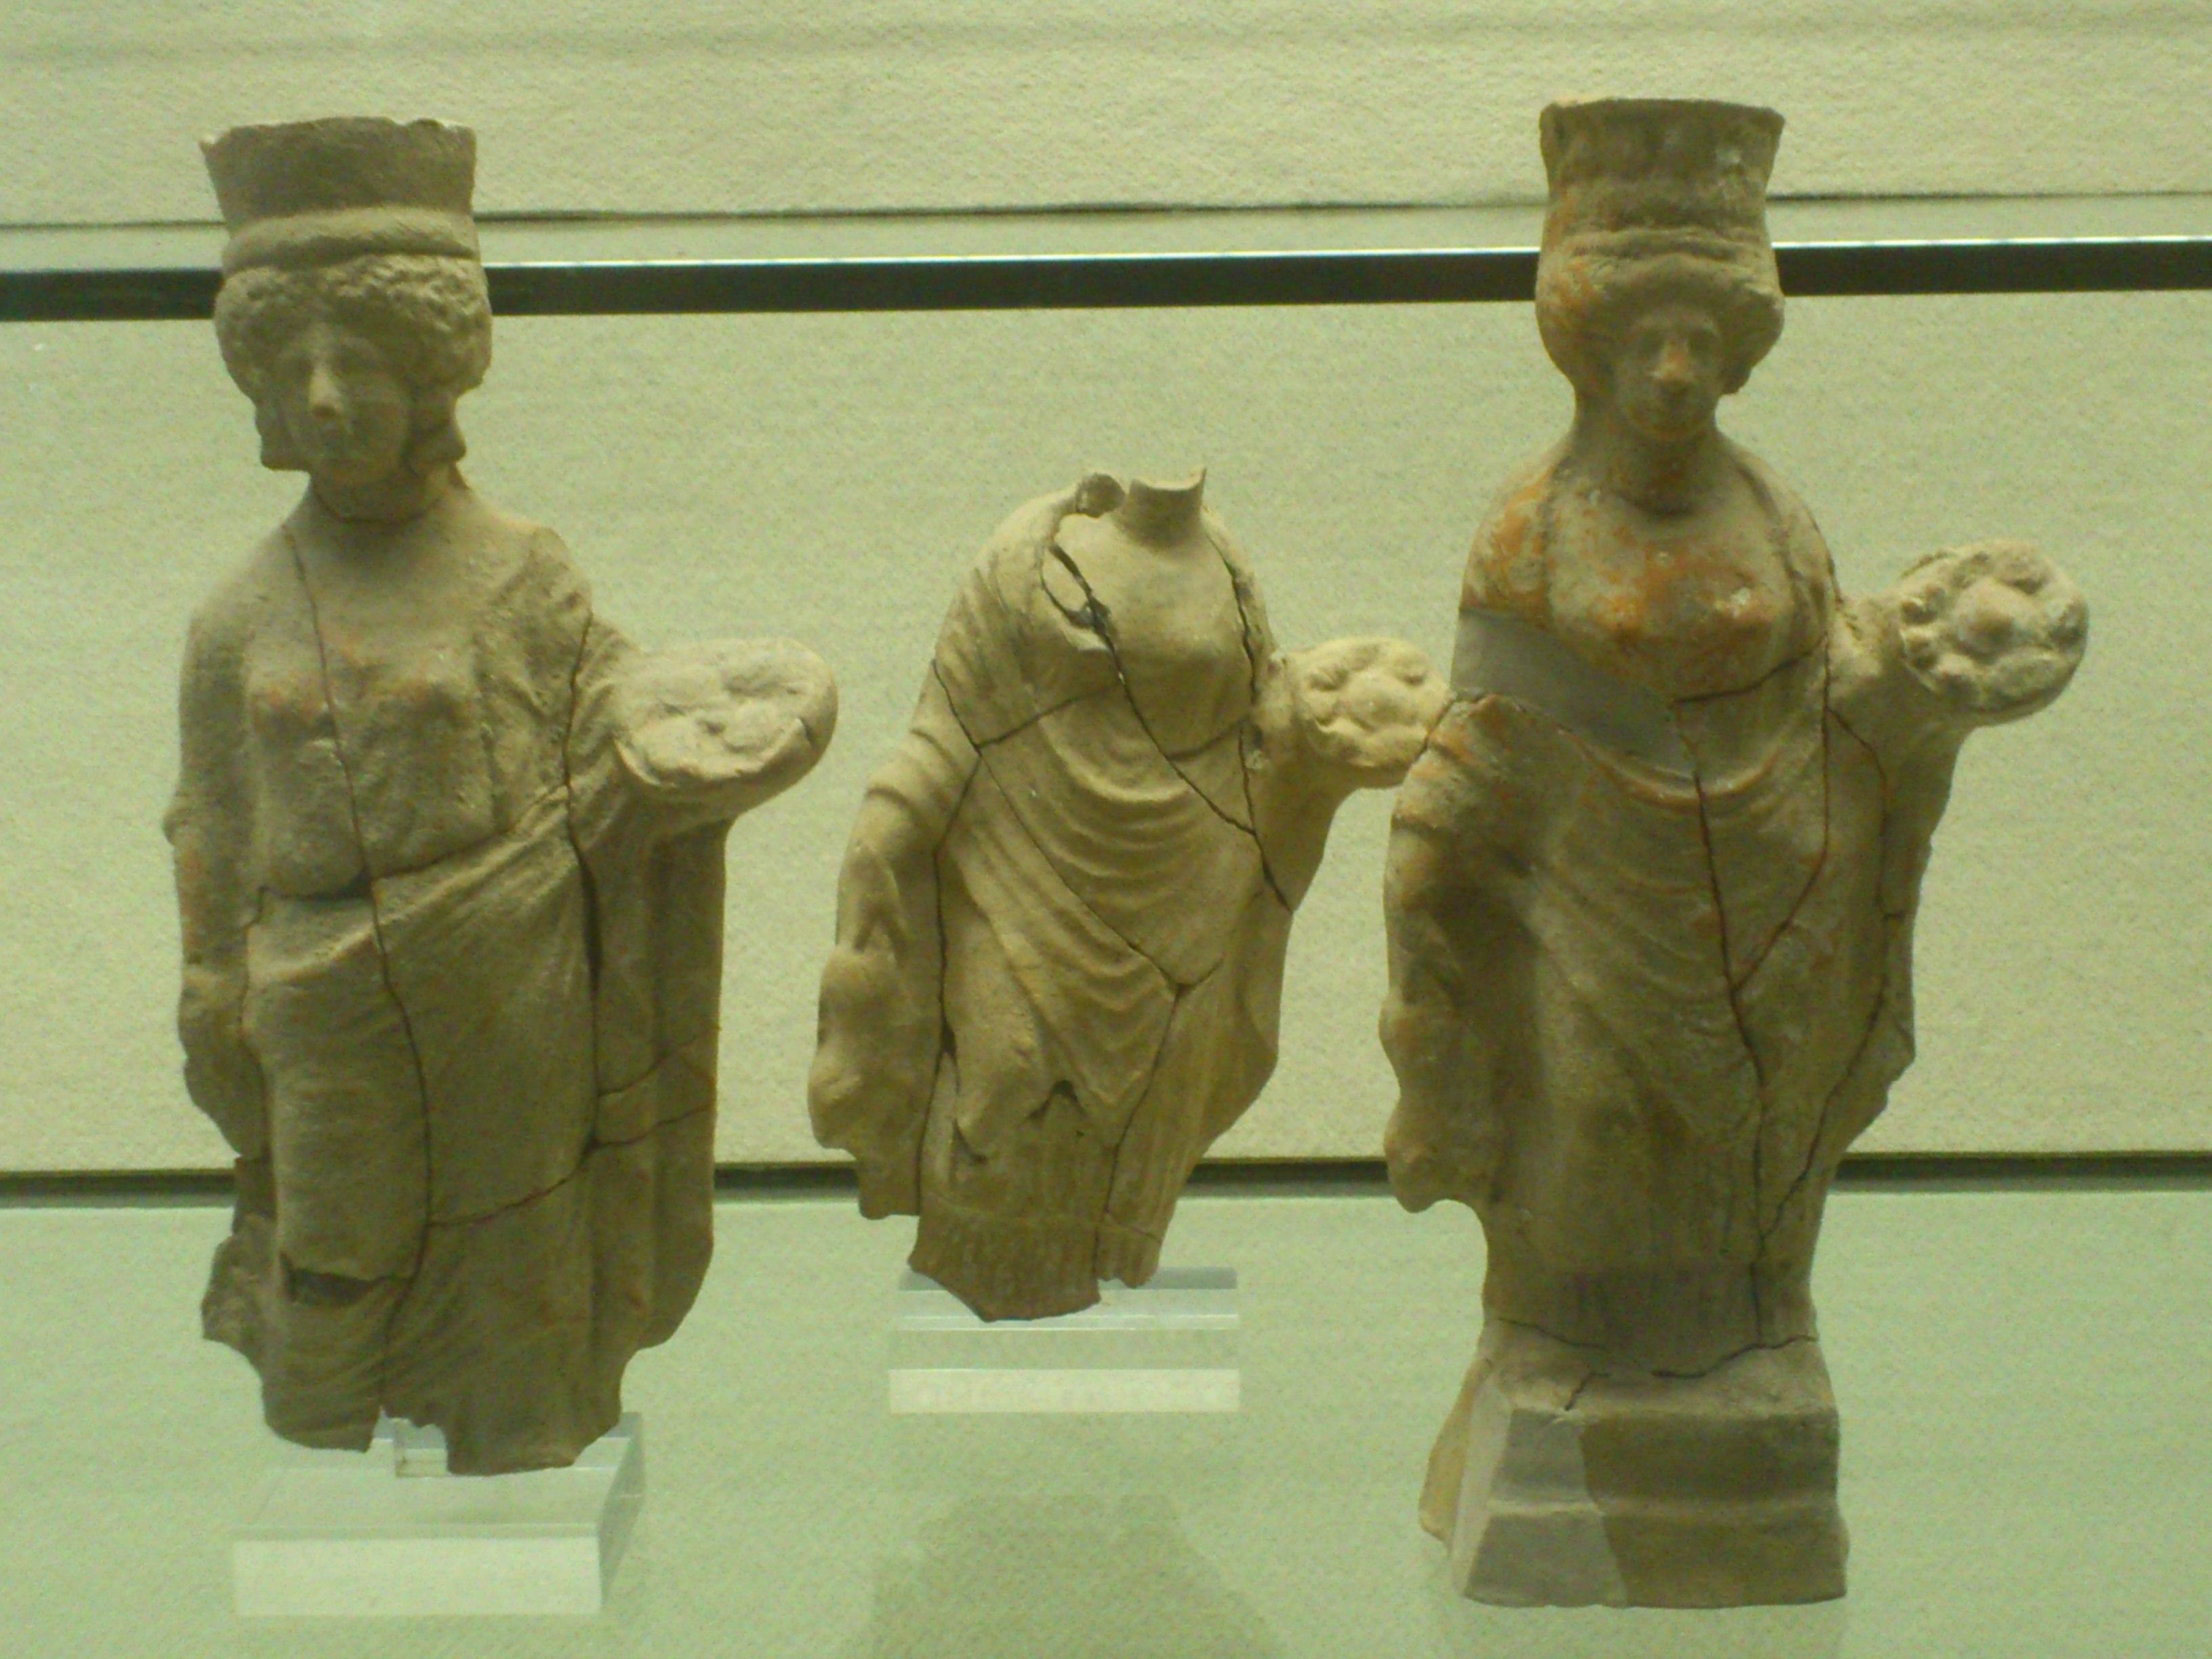 Estatuillas representando fieles del culto a Deméter on ofrendas